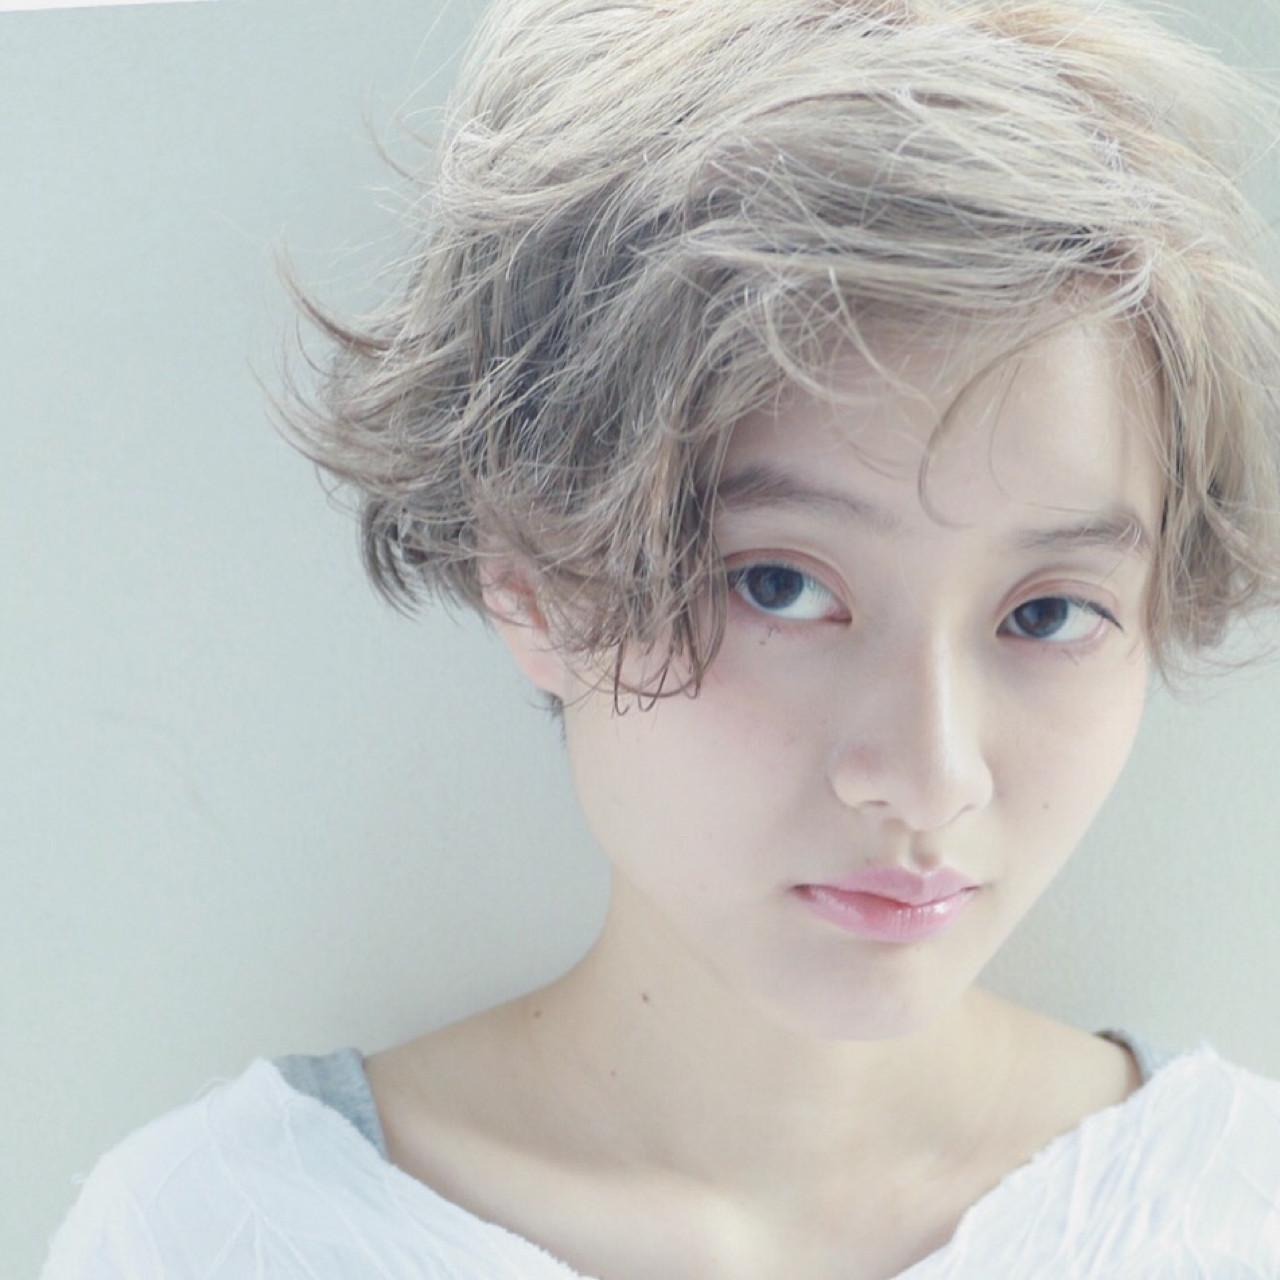 ナチュラル ハイトーン くせ毛風 ブリーチ ヘアスタイルや髪型の写真・画像 | 高橋 忍 / nanuk渋谷店(ナヌーク)